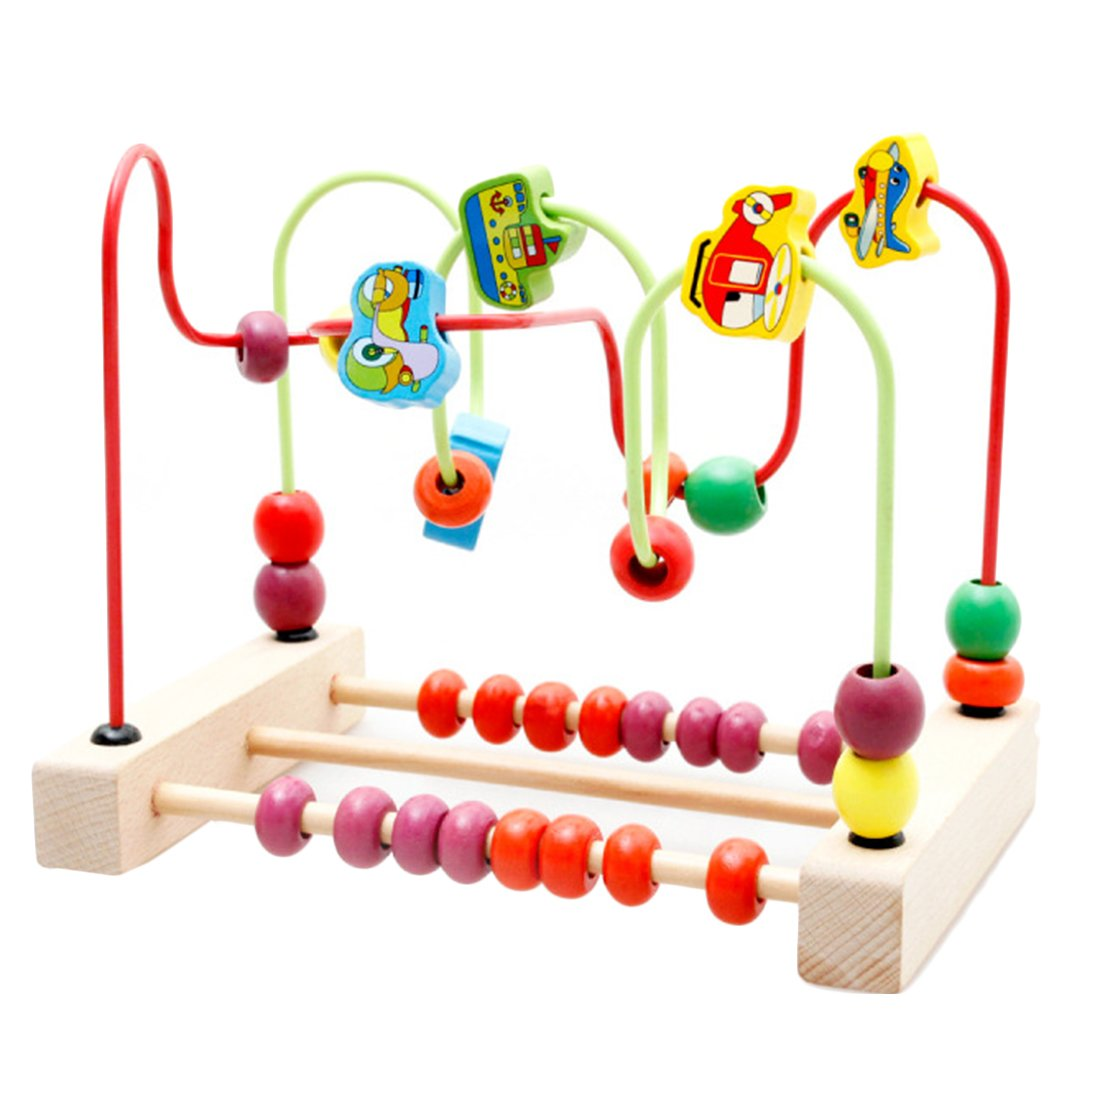 Perlen Labyrinth Spielzeug, Vicoki Holzperle Labyrinth Zählen Spielzeug für Babys Kleinkinder Achterbahn Bunte Abacus Kreis Spielzeug